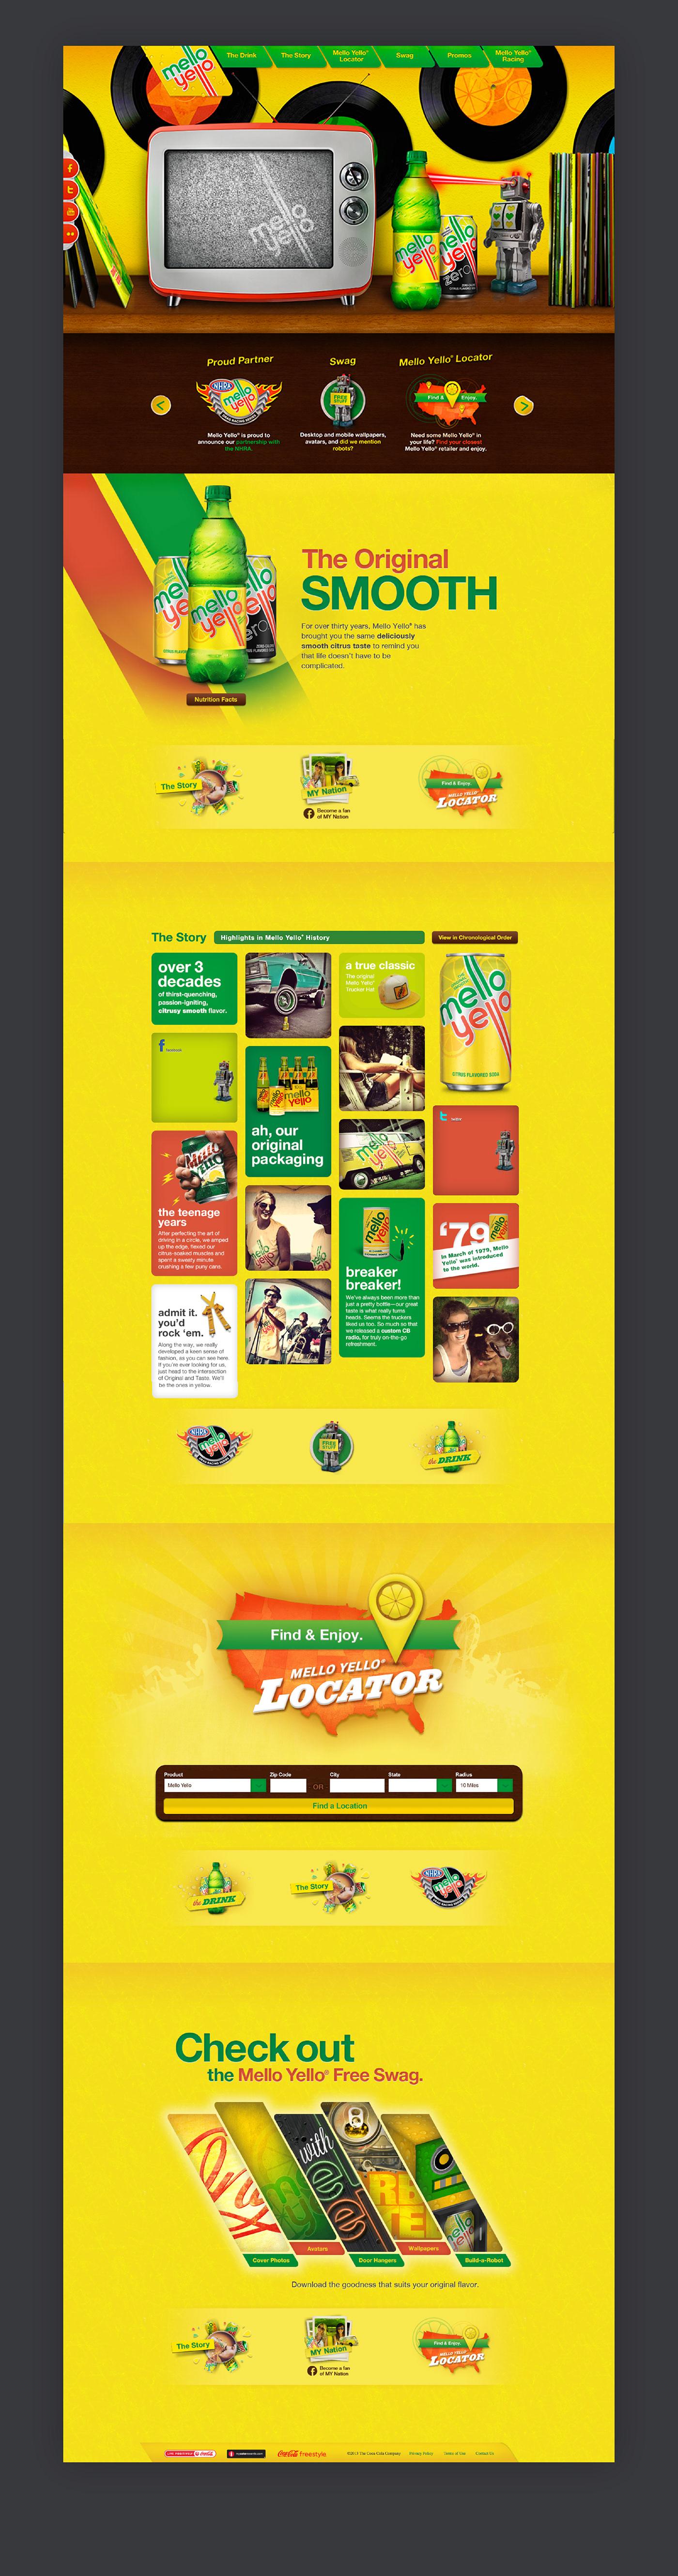 Mello Yello Coca-Cola interactive Web mobile Responsive